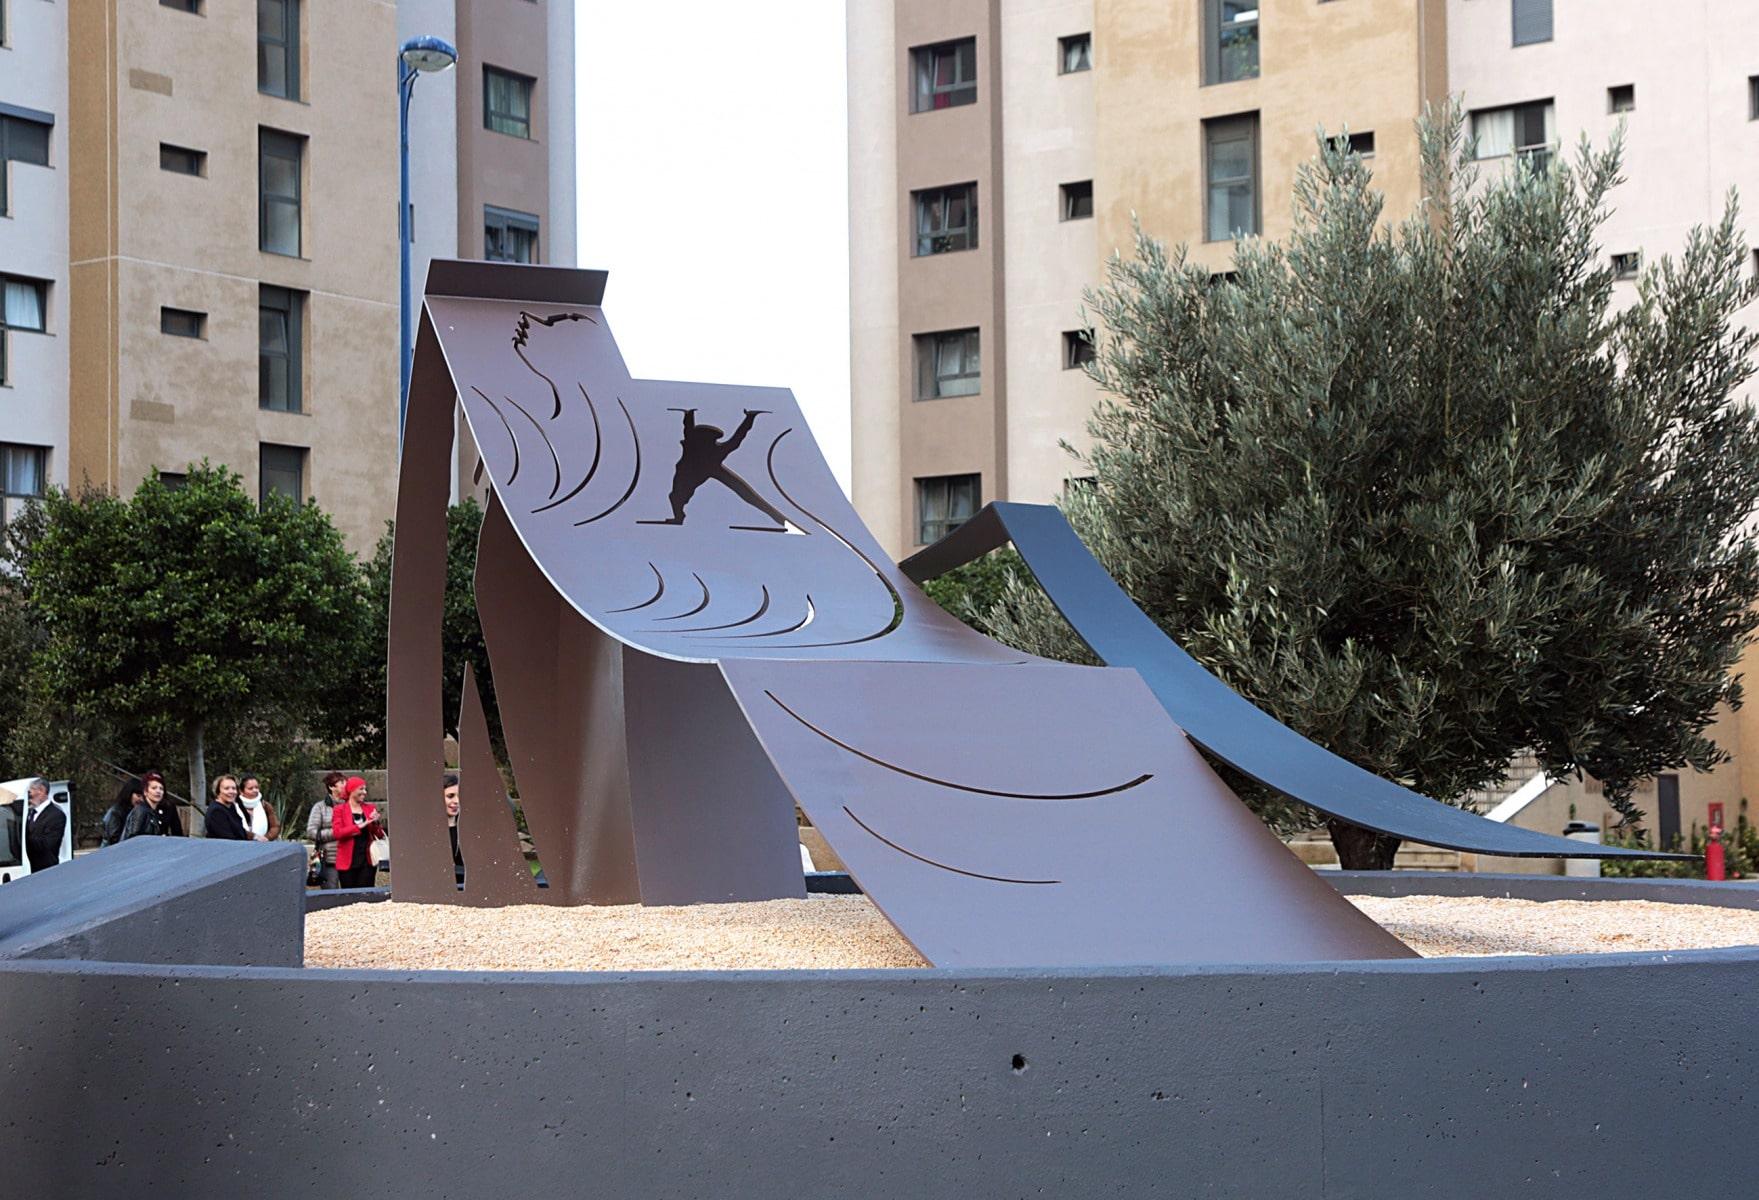 inauguracin-del-monumento-a-la-mujer-en-gibraltar_31093430740_o